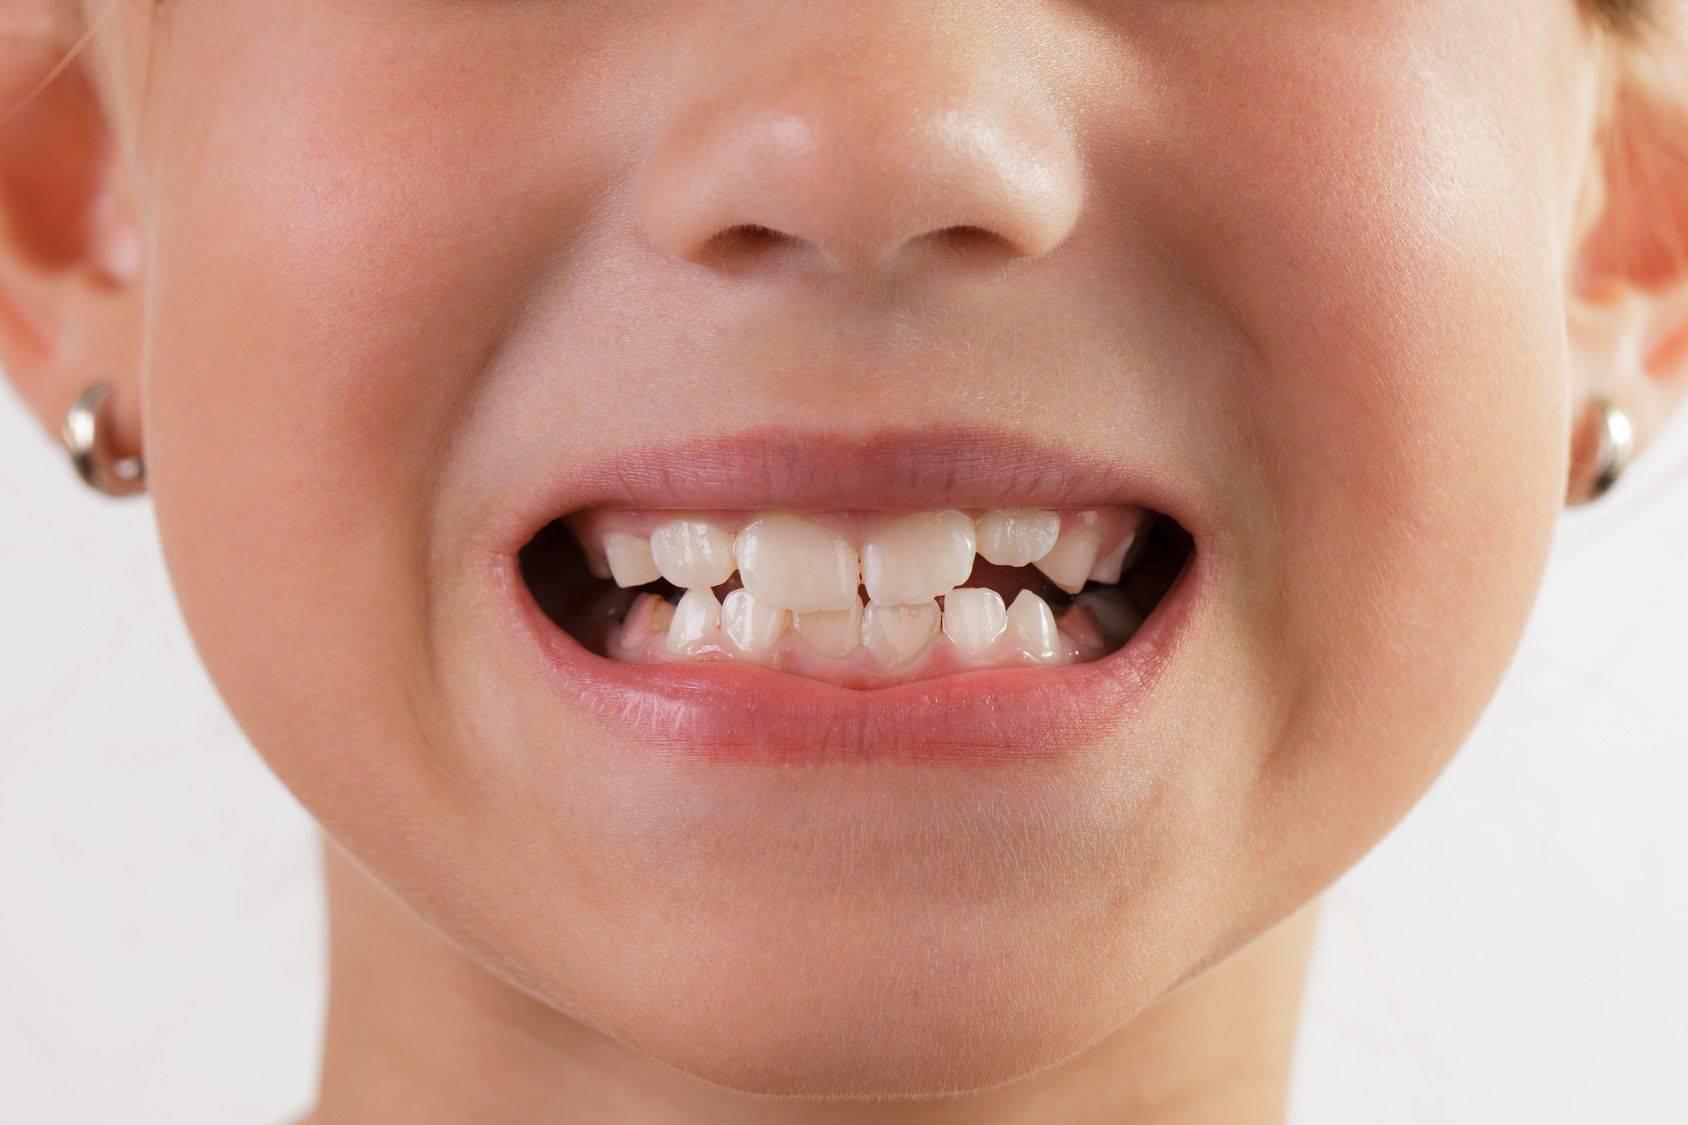 Молочные зубы растут криво - что делать?